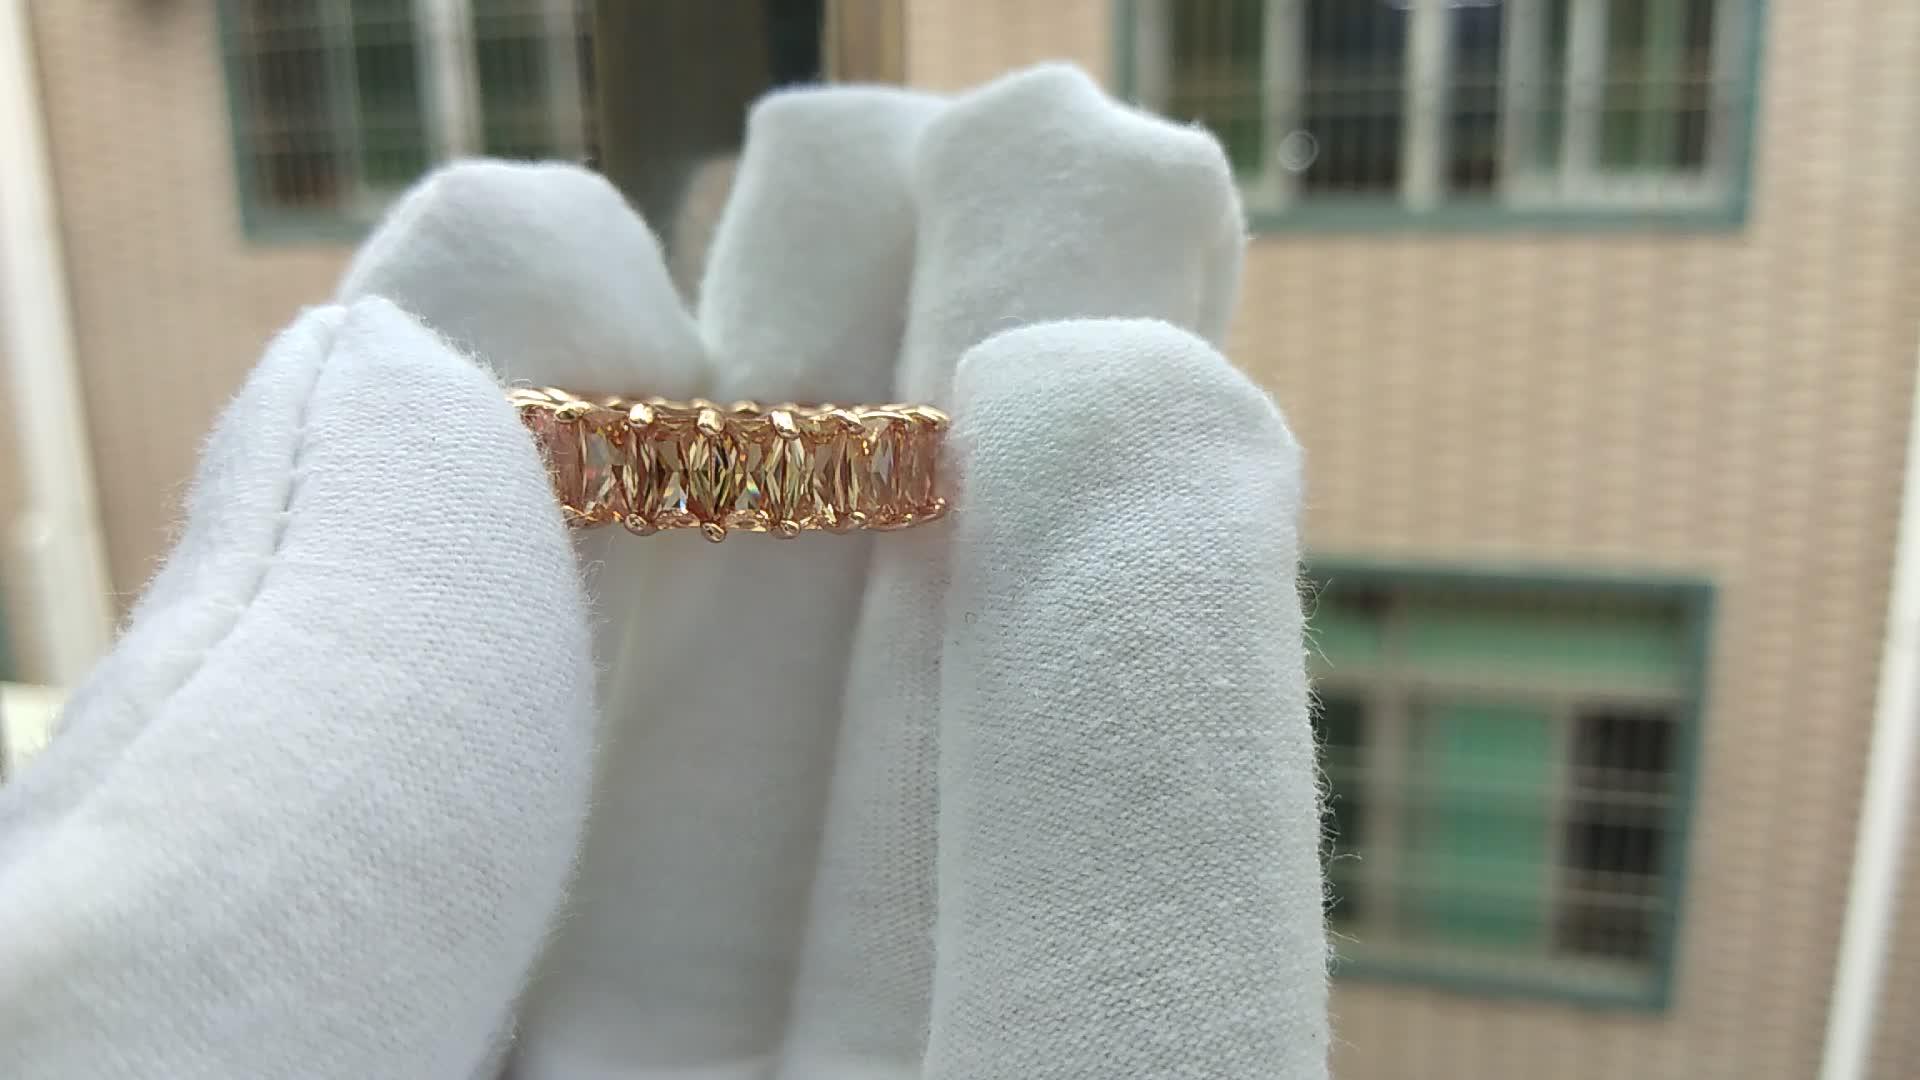 LOZRUNVE Luxus Erklärung s925 Silber Big Baguette CZ Stein Farbe Band Ring